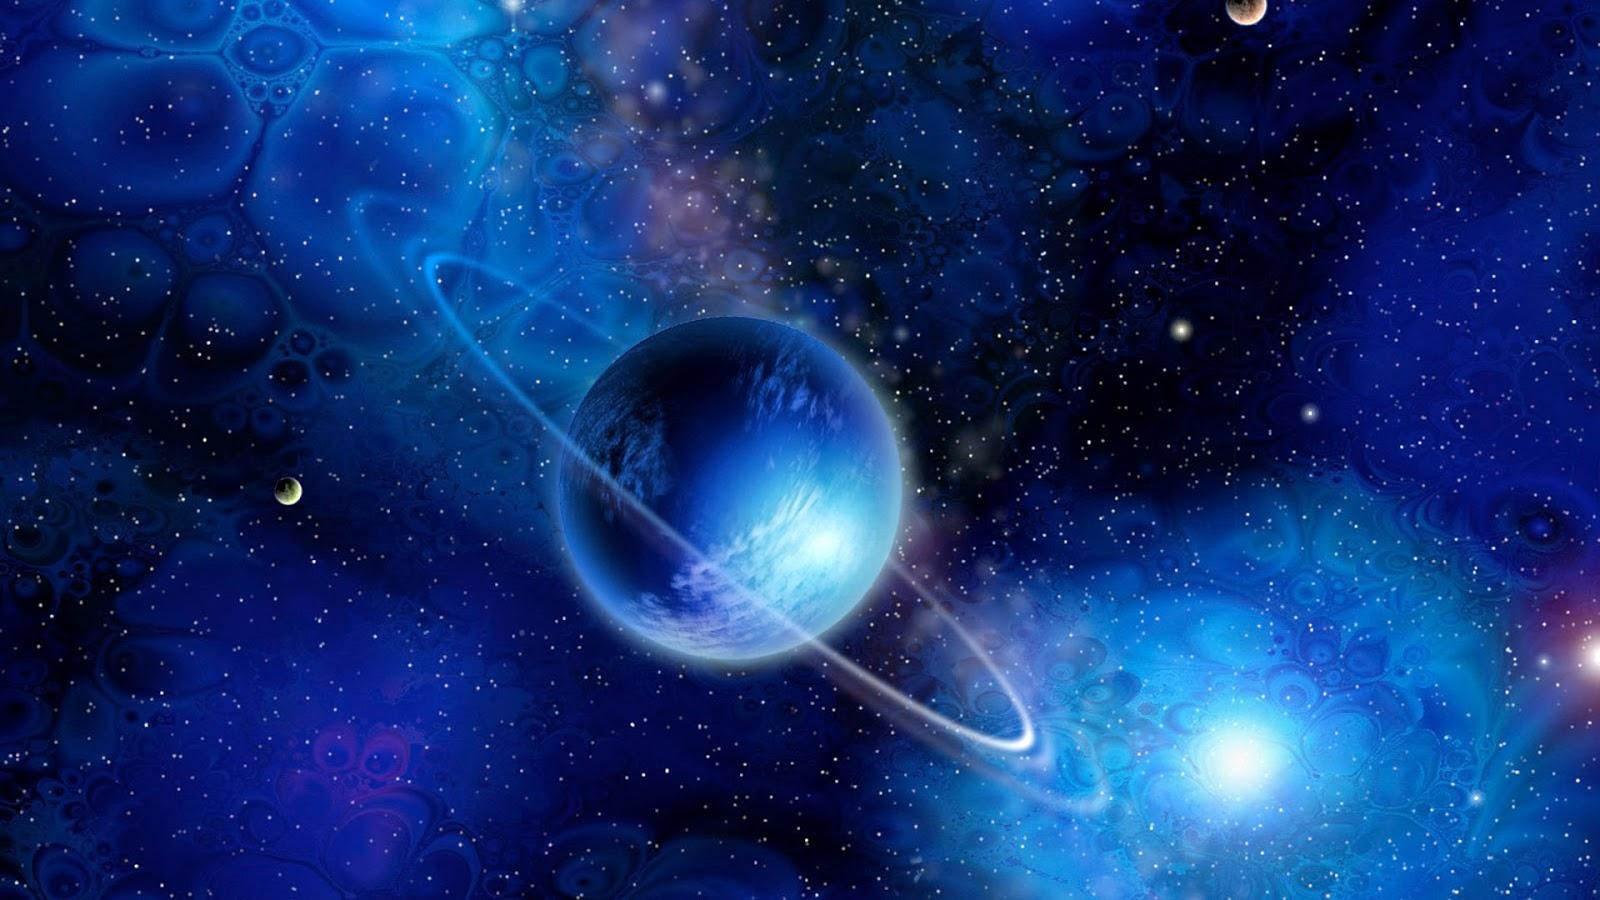 http://1.bp.blogspot.com/-ENToZzaKXuA/UI7gg-ypexI/AAAAAAAACqs/7lDUVtdY3d4/s1600/Wallpaper+de+un+planeta+azul+con+un+anillo.jpg